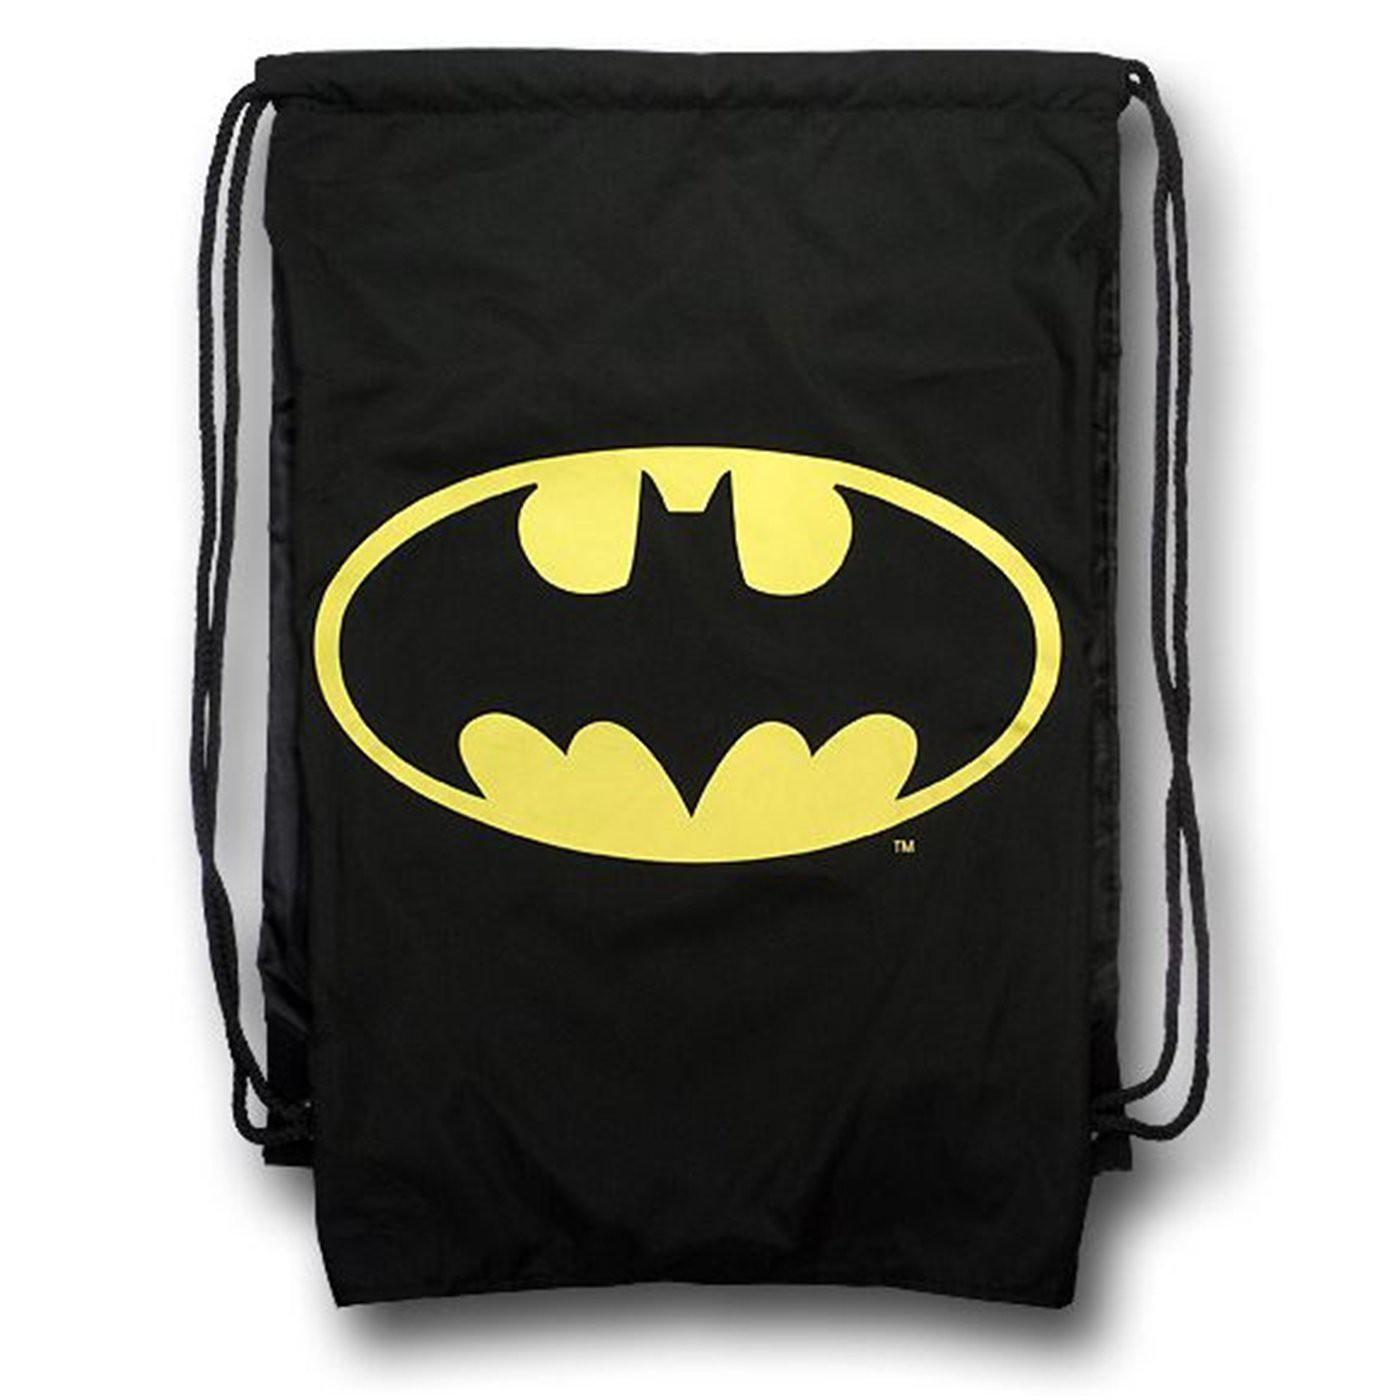 Batman Caped Backsack